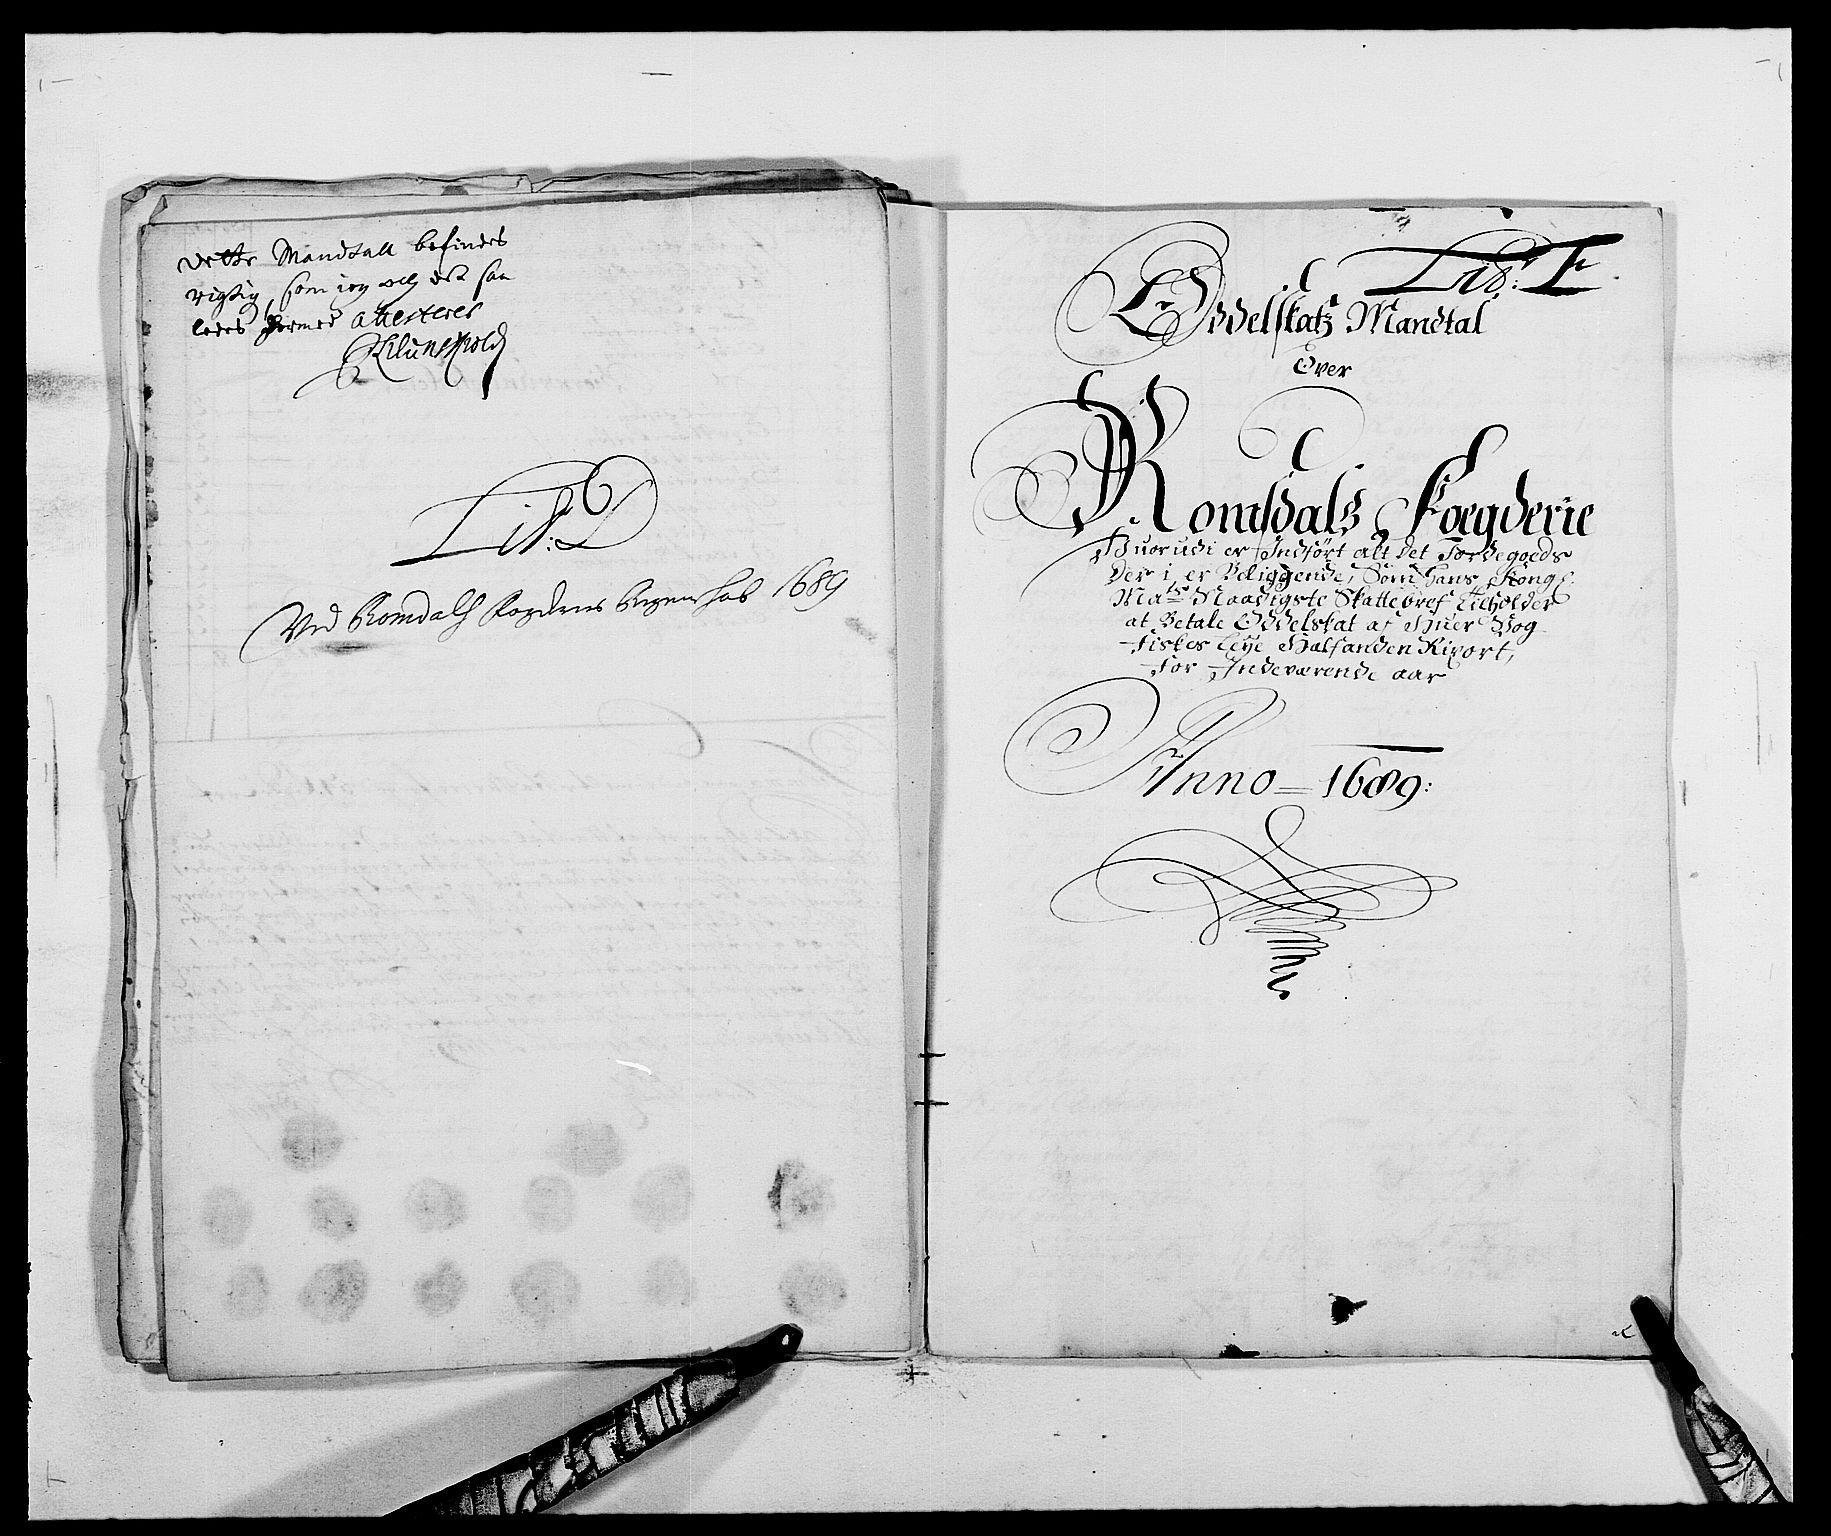 RA, Rentekammeret inntil 1814, Reviderte regnskaper, Fogderegnskap, R55/L3648: Fogderegnskap Romsdal, 1687-1689, s. 323